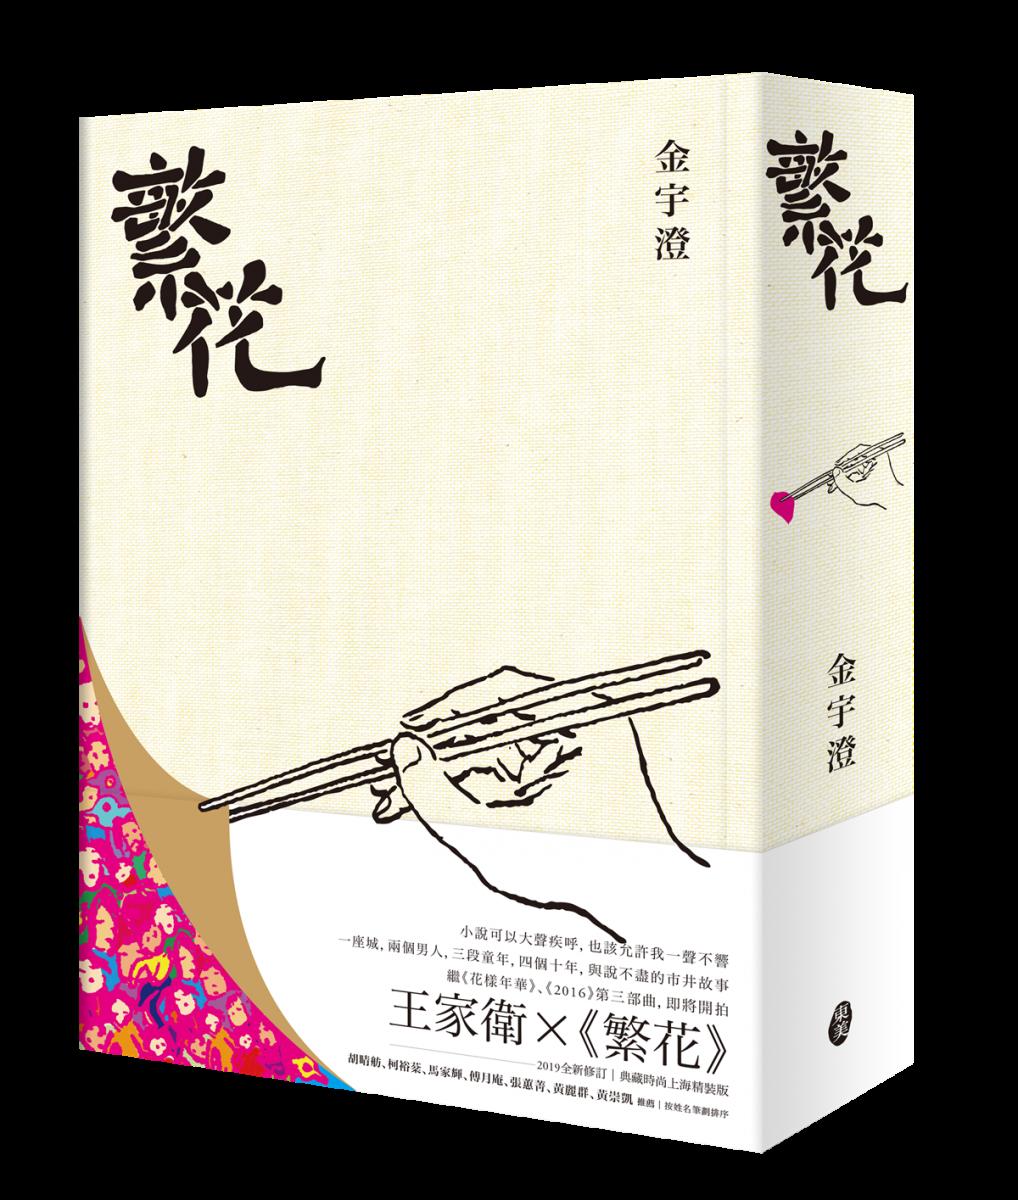 1003-fan_hua_-book-b-0071200x900.png